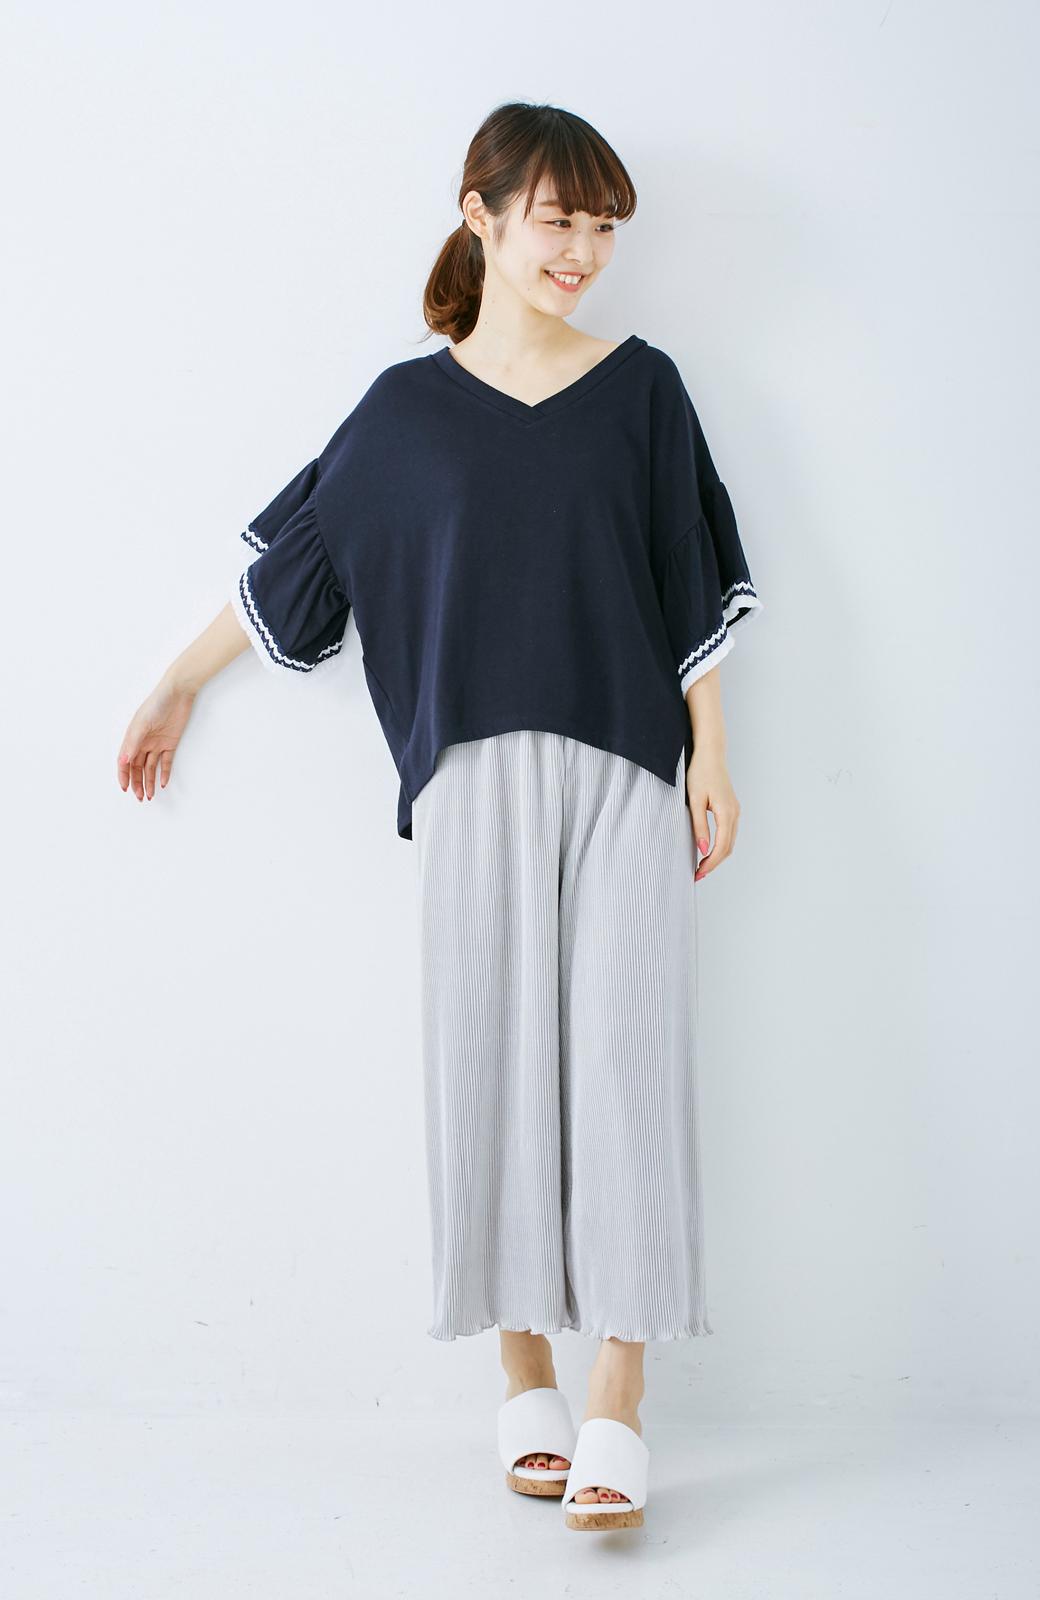 エムトロワ 女らしくフリンジを楽しむ Vネックふんわり袖トップス <ネイビー>の商品写真6